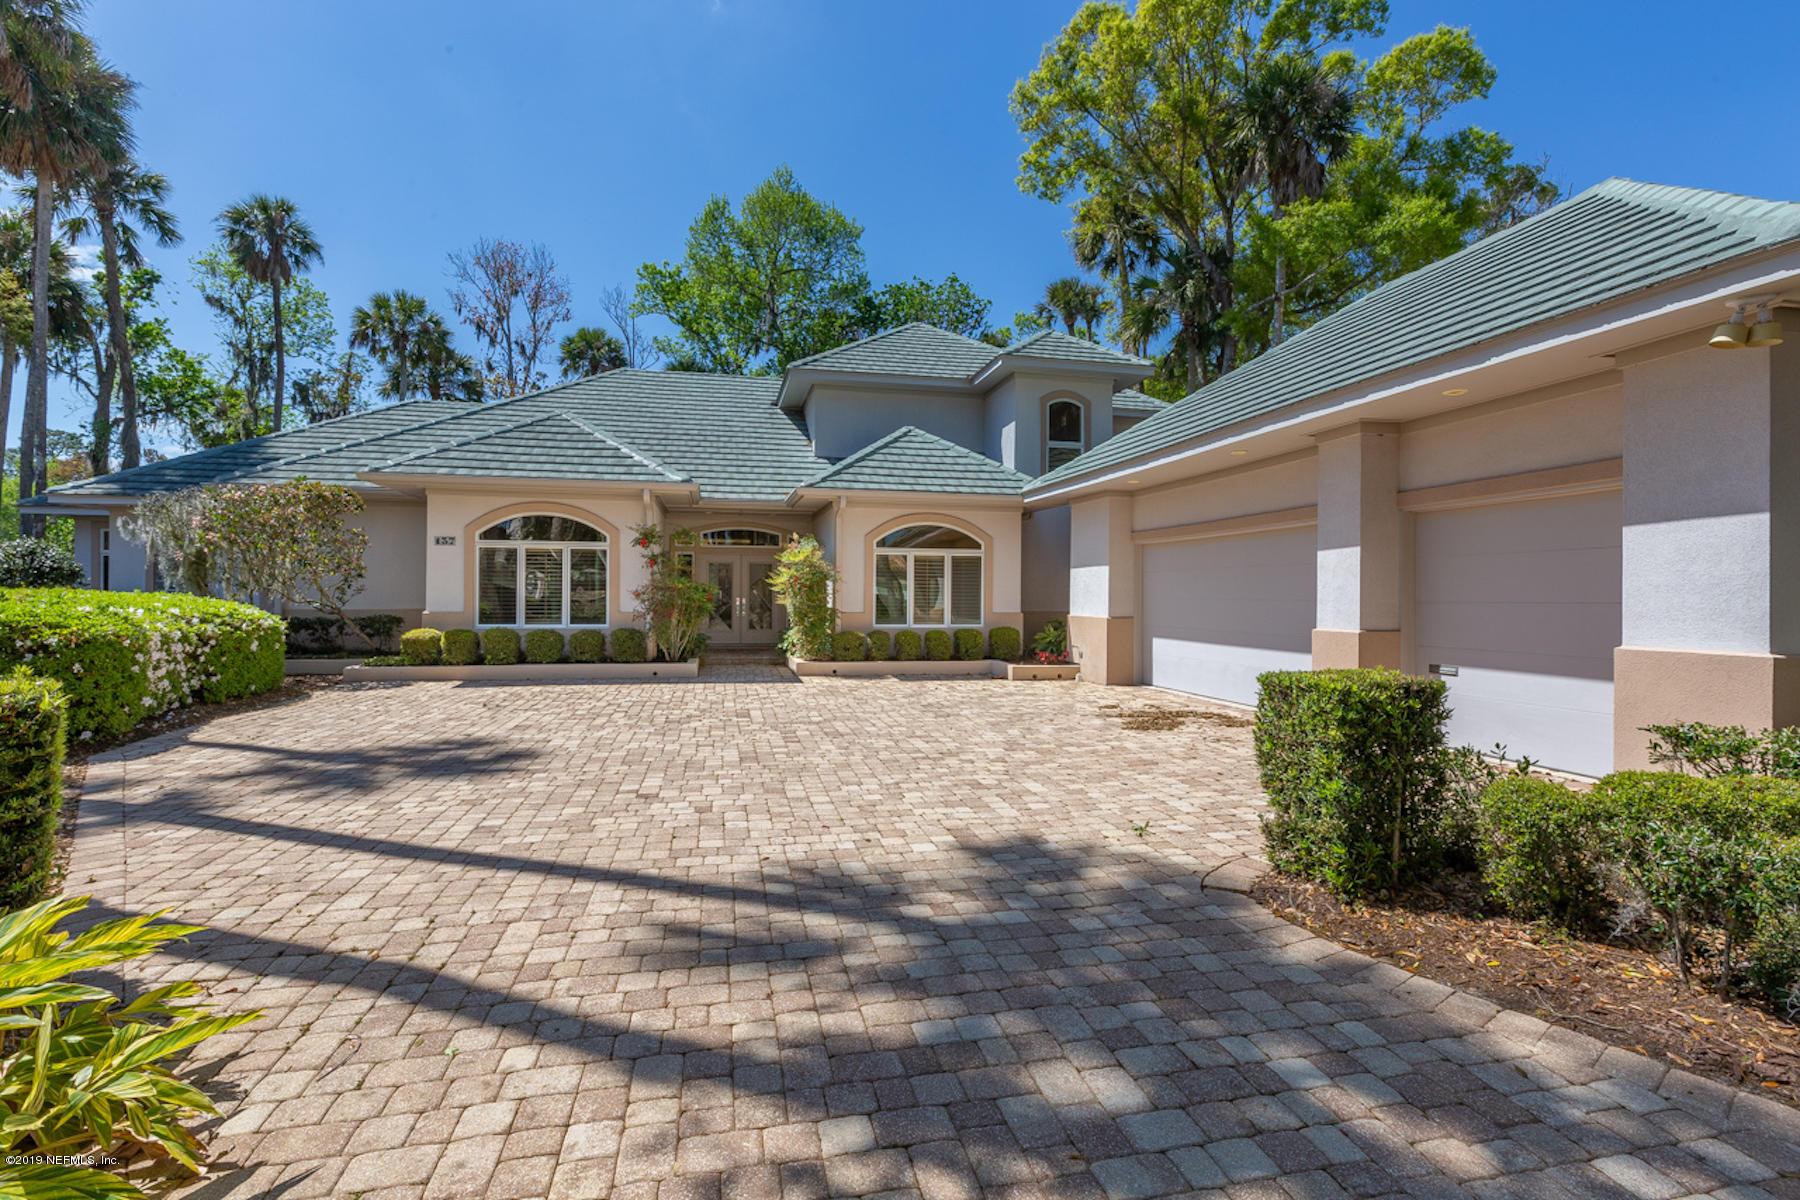 137 DORNOCH, PONTE VEDRA BEACH, FLORIDA 32082, 3 Bedrooms Bedrooms, ,3 BathroomsBathrooms,Residential - single family,For sale,DORNOCH,986273